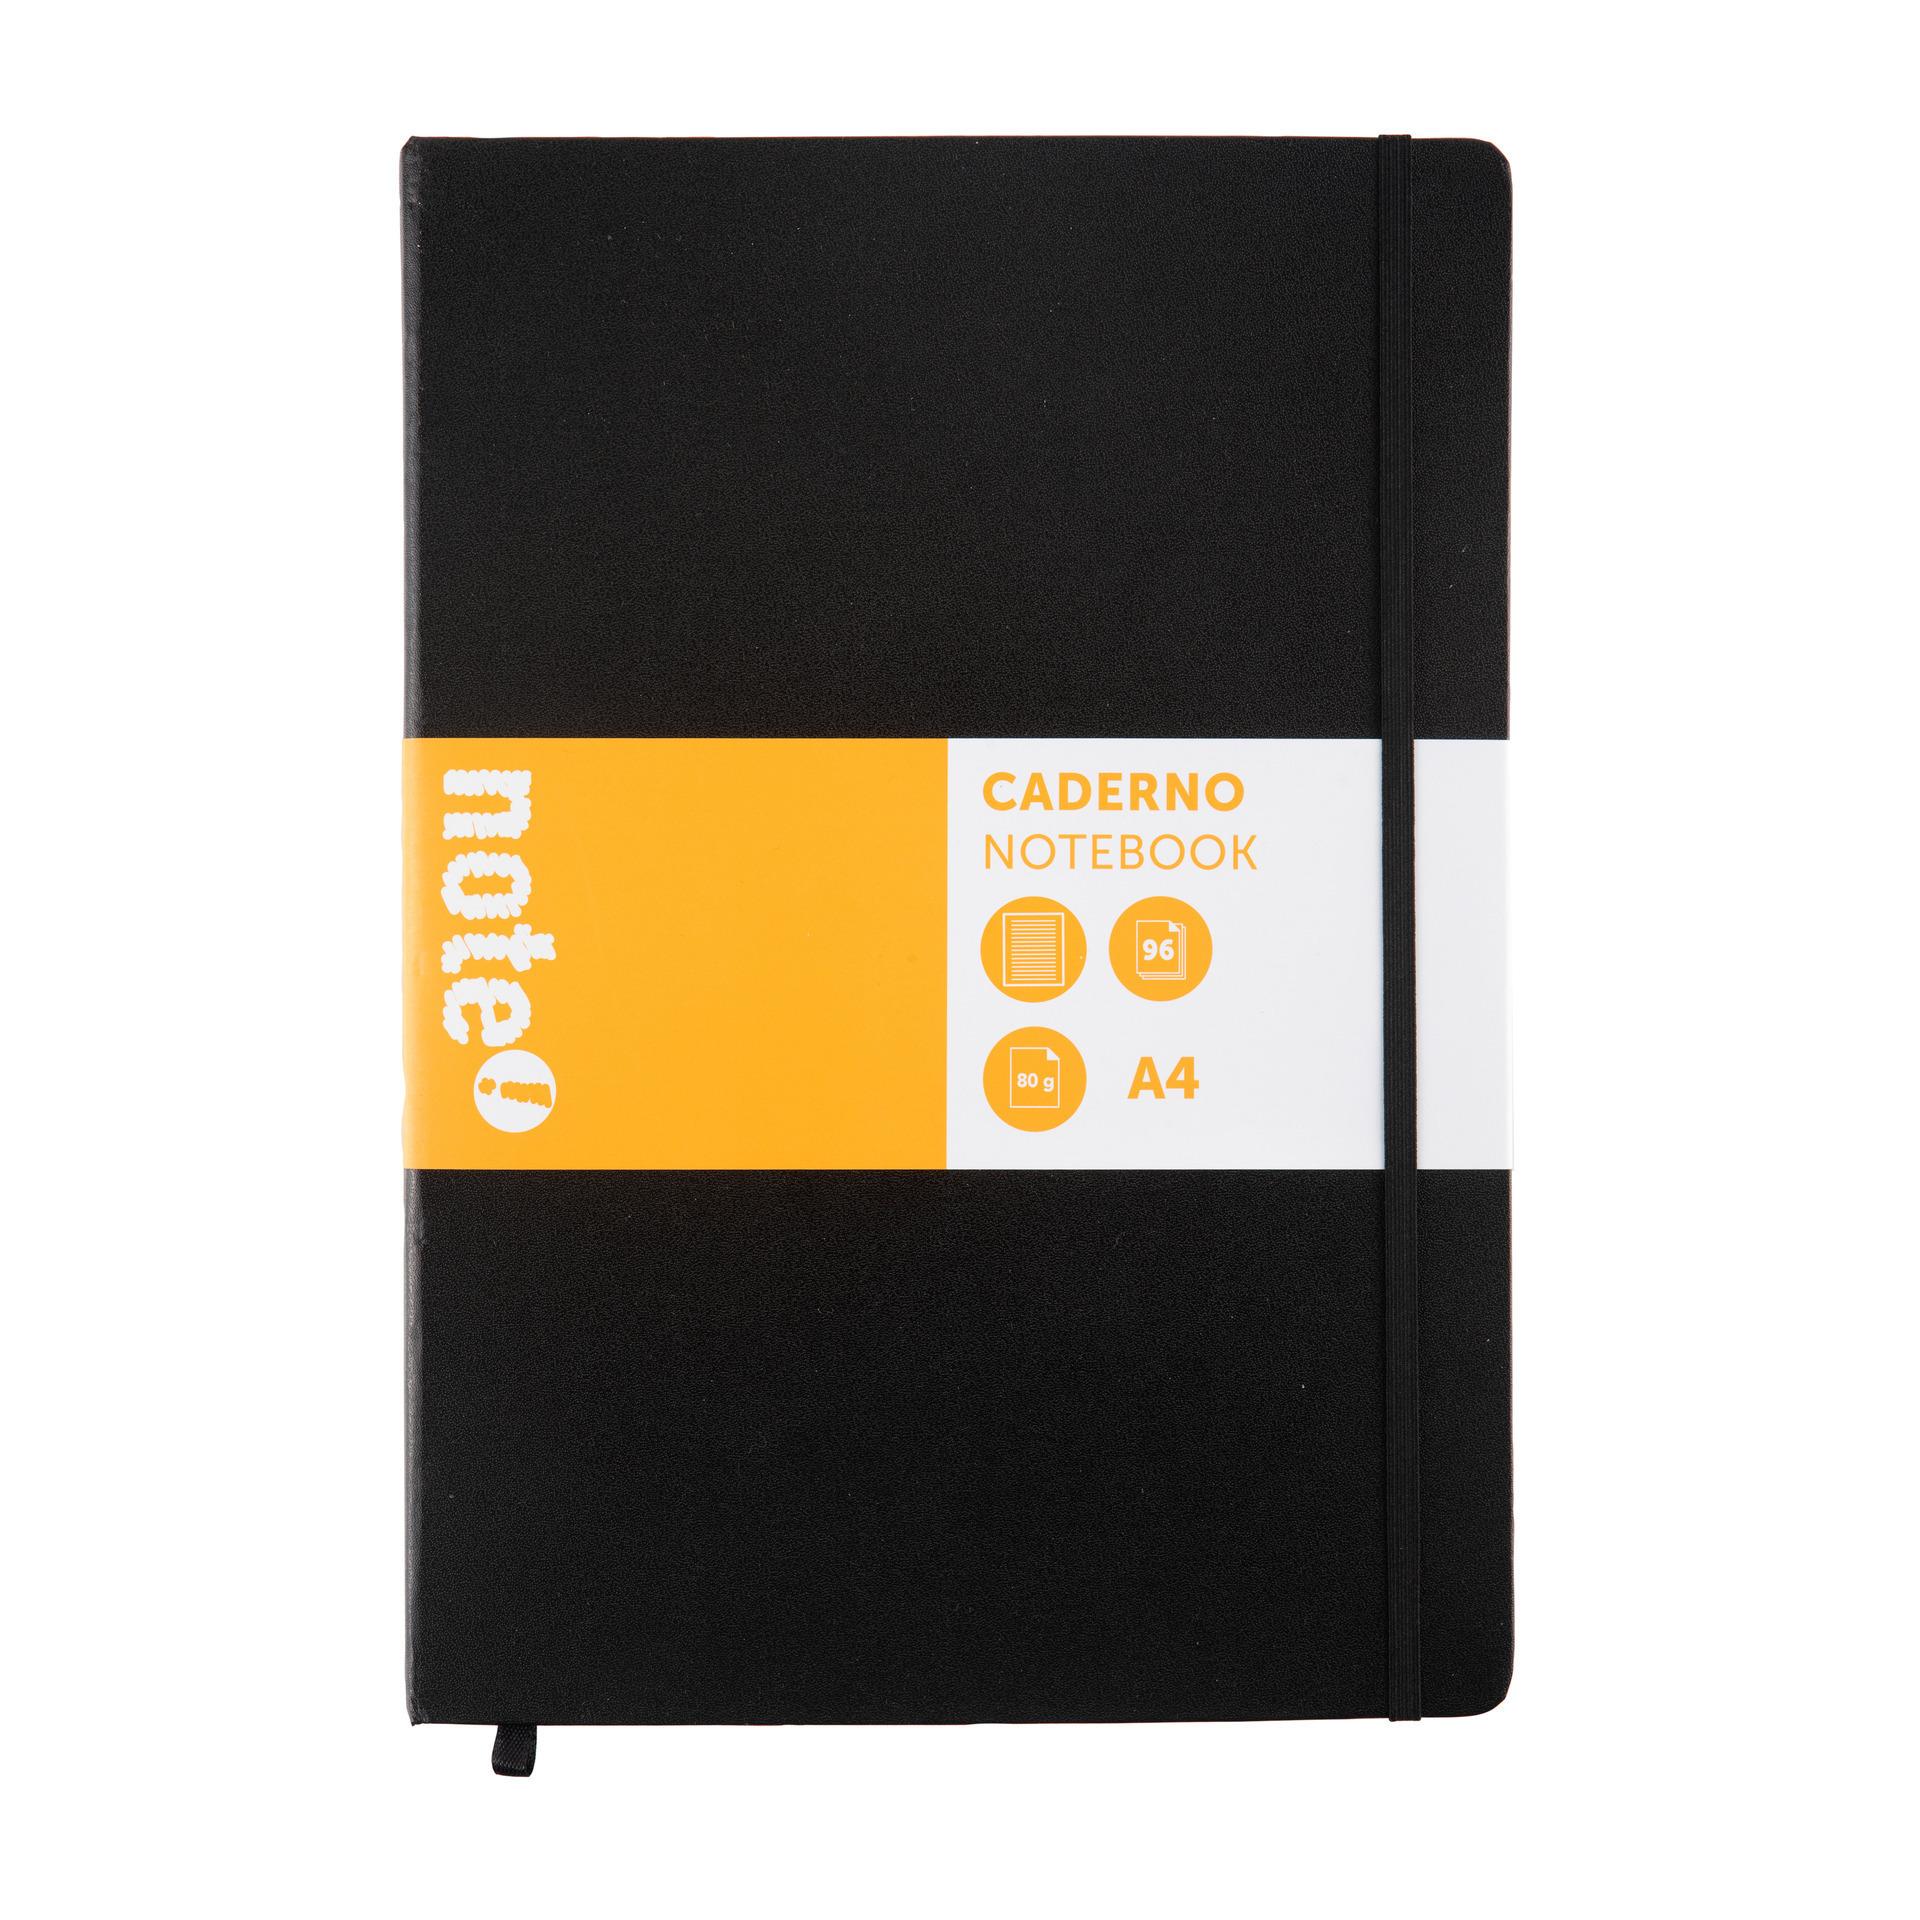 Caderno Pautado Preto com Elástico A4 note!